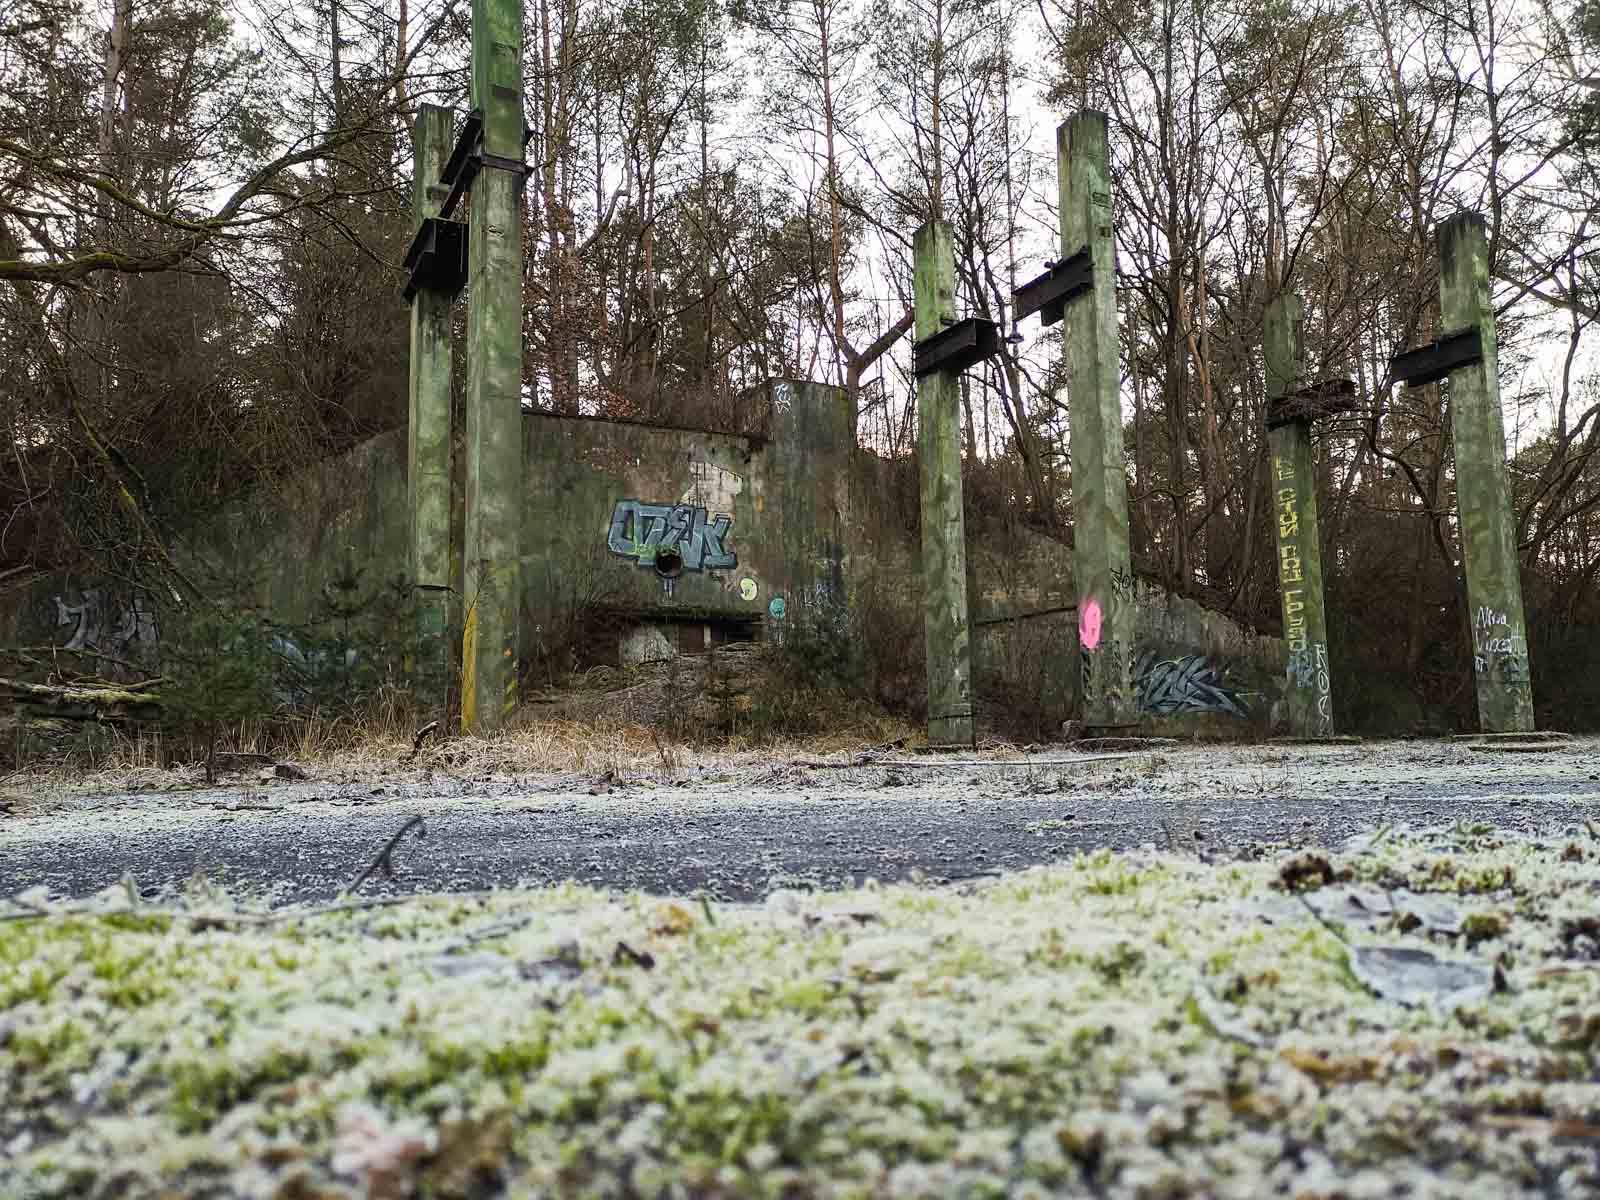 Waffenlager für nukleare Bomben bei -Little Prypjat- in Deutschland